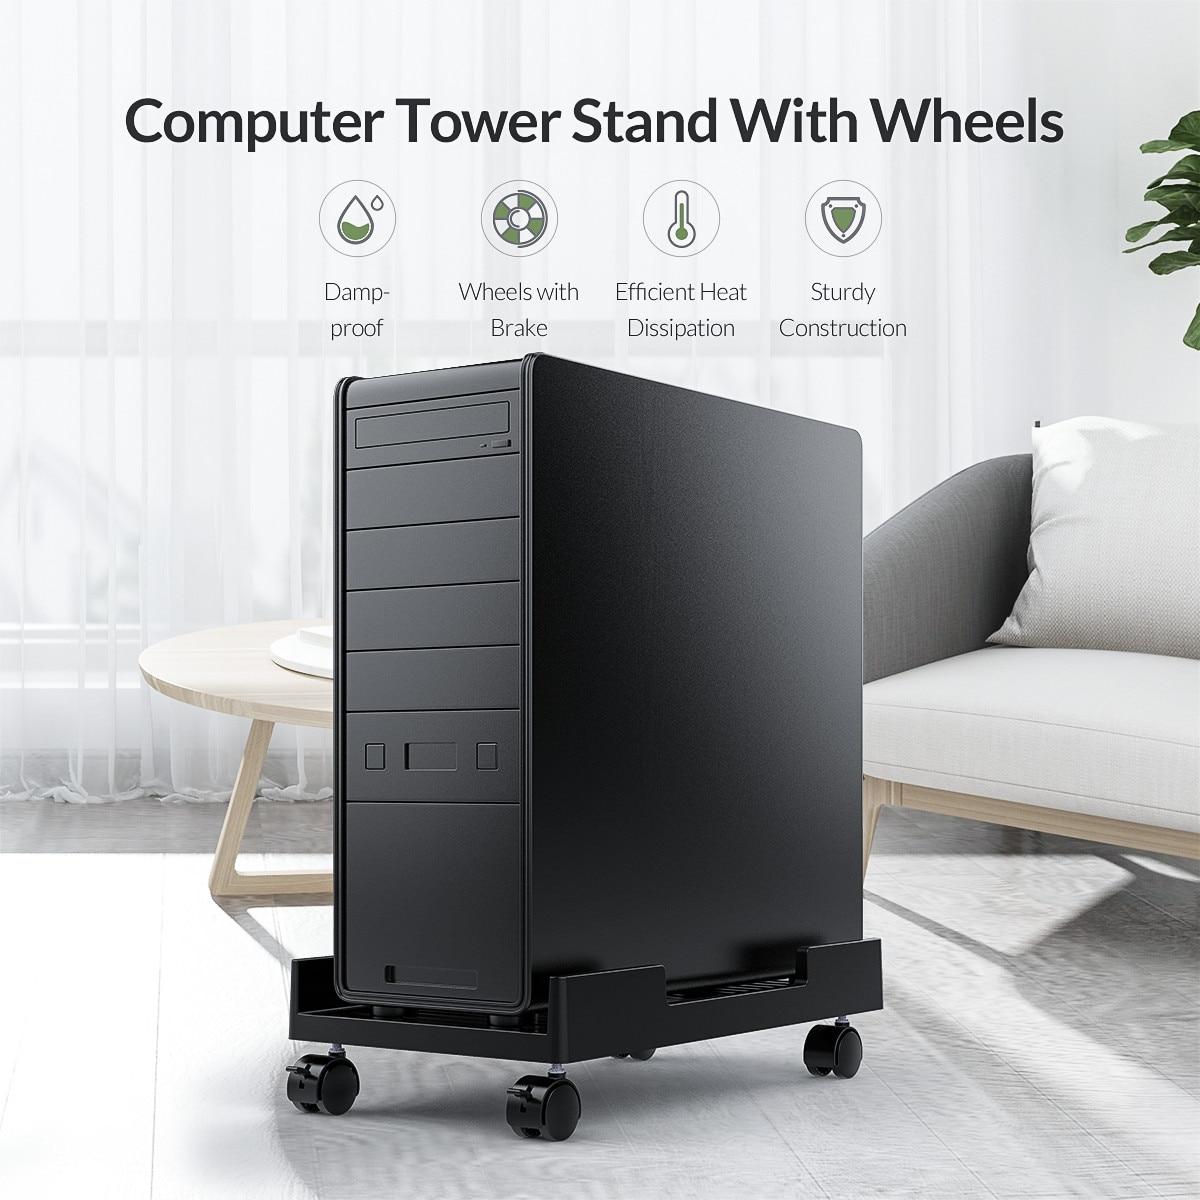 Cheap Torres e estojos pcomputador